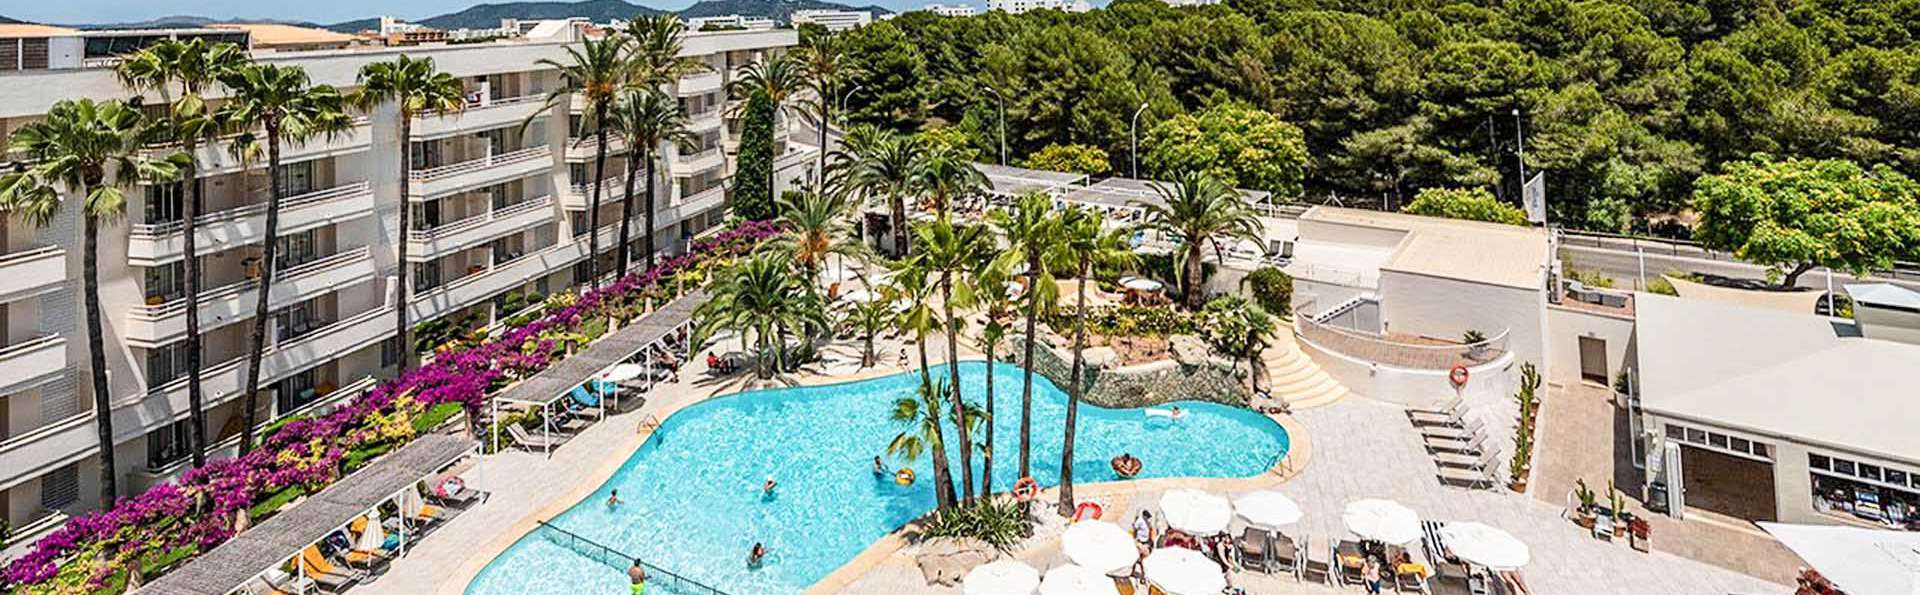 Découvrez la plage de Sa Coma à Majorque en hôtel4* et formule tout compris